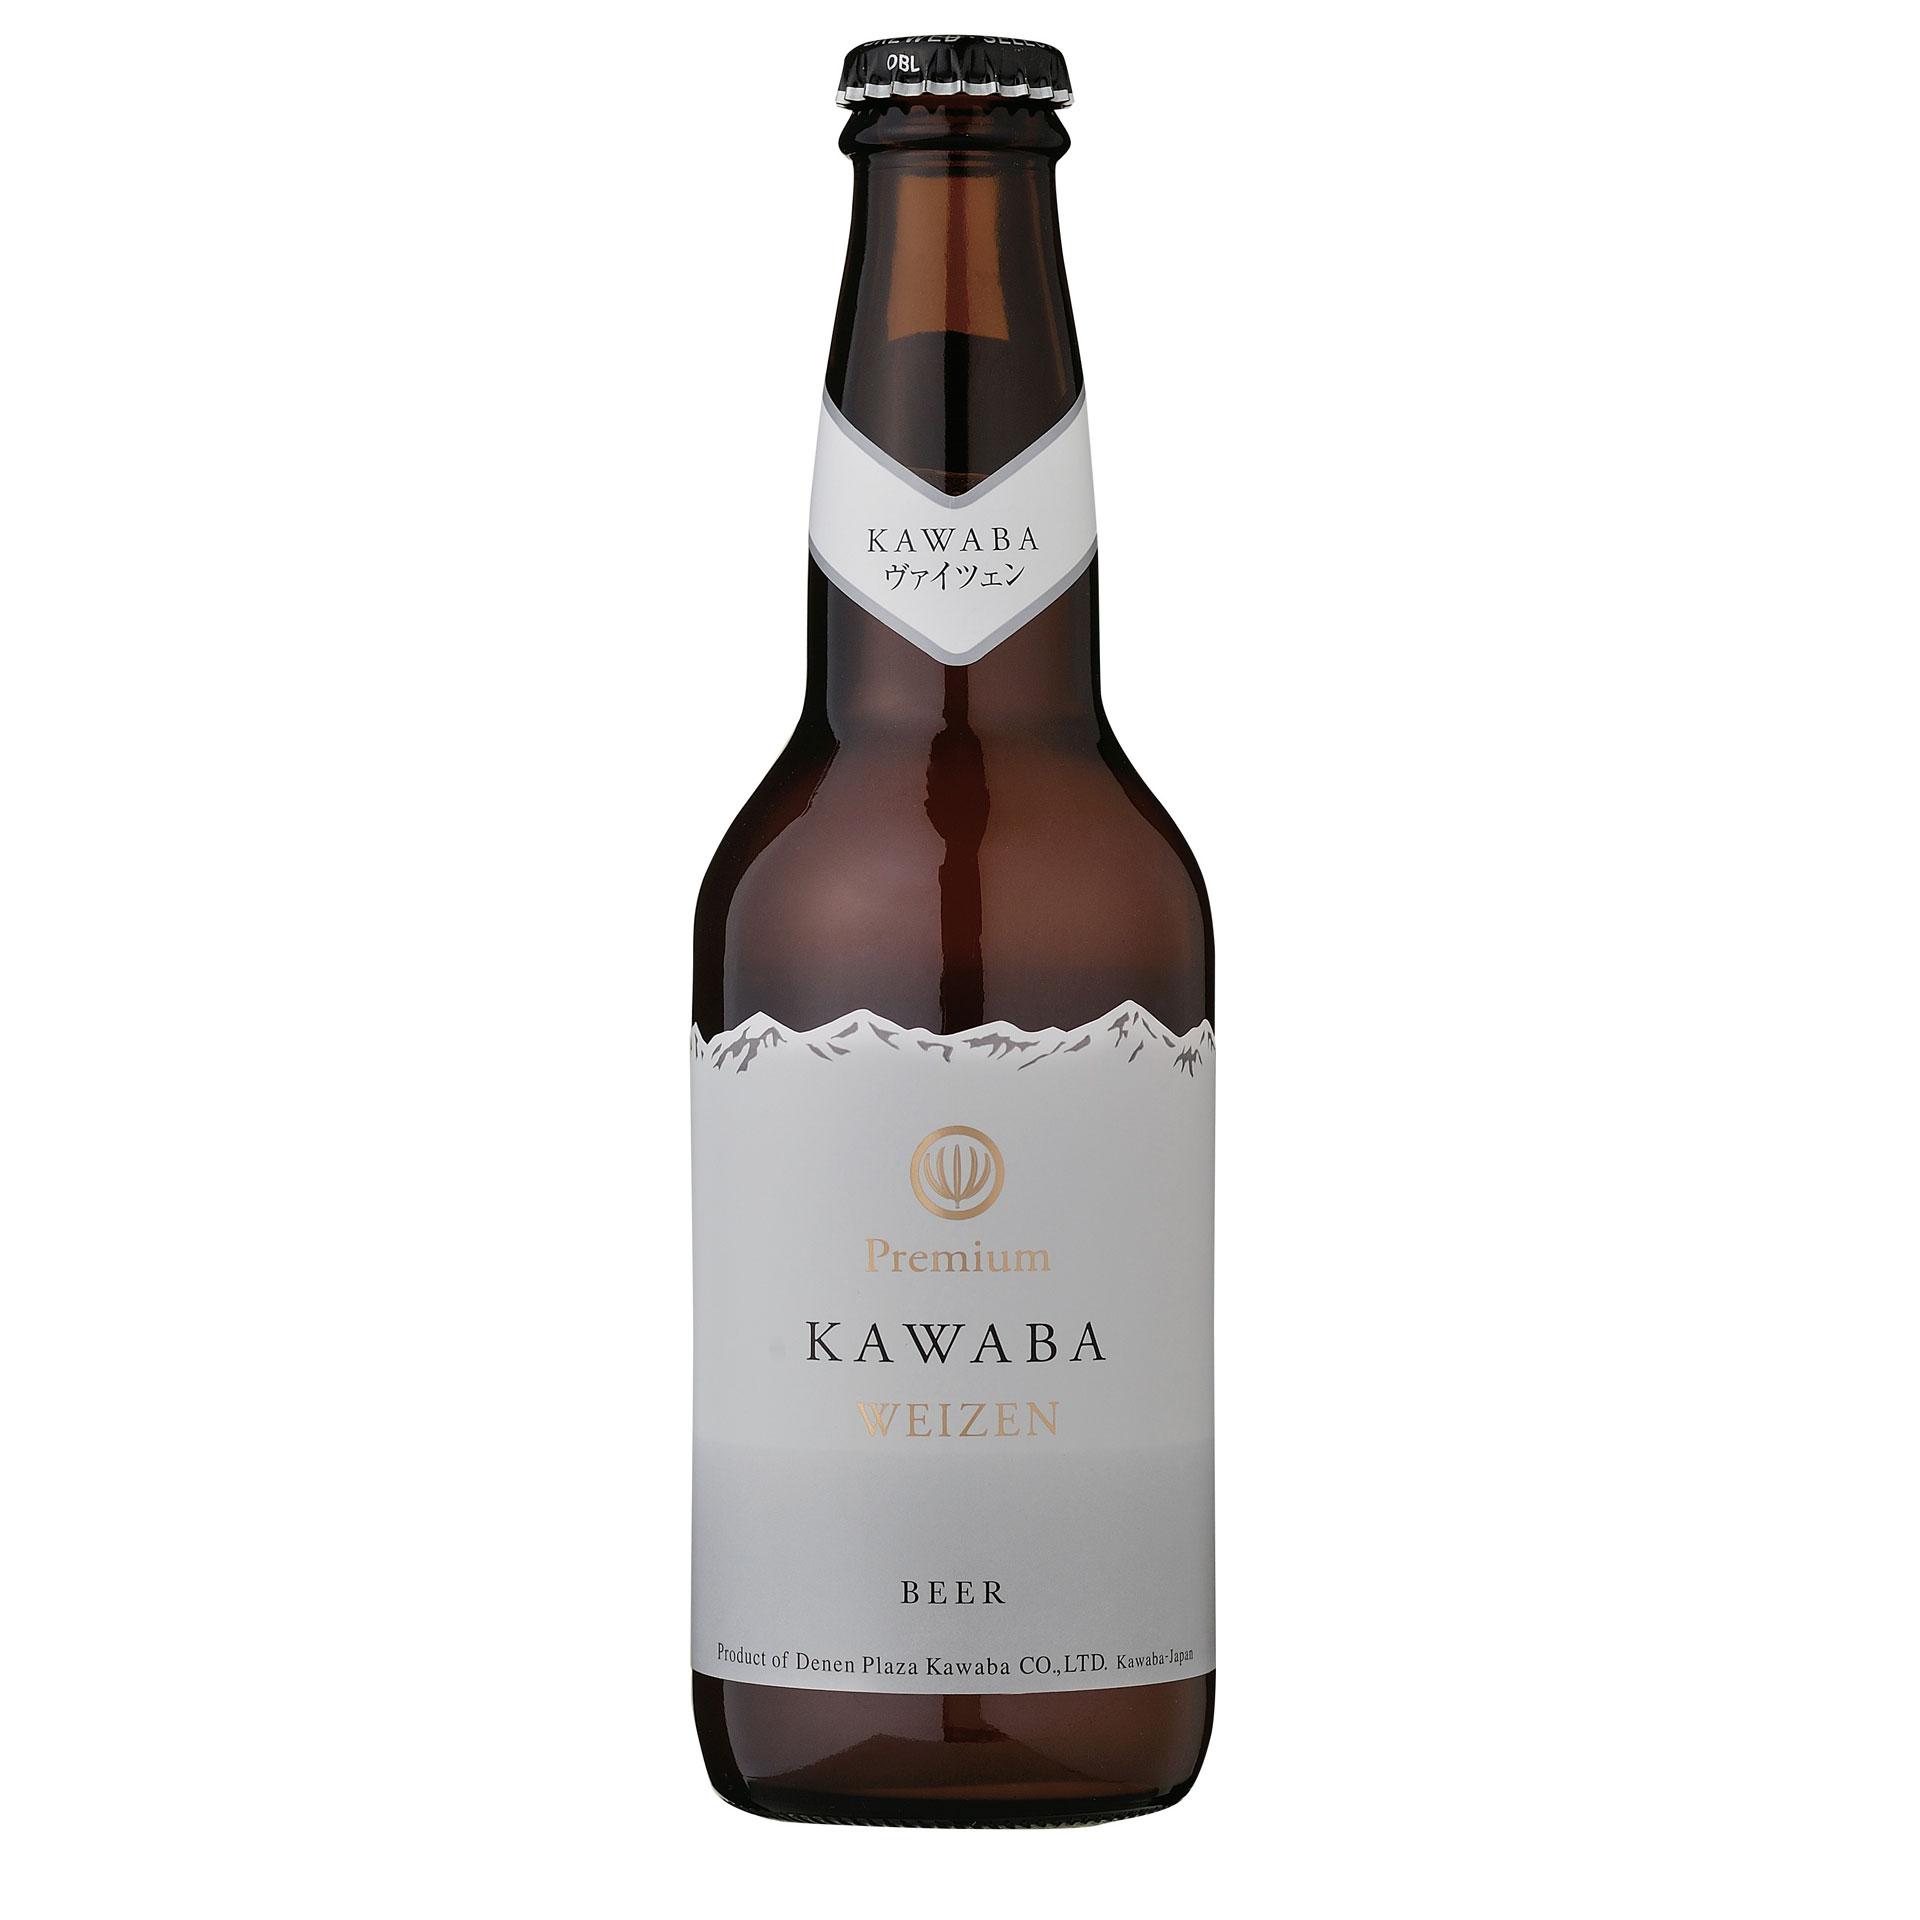 川場ビール<ヴァイツェン>セットの商品詳細イメージ-1402